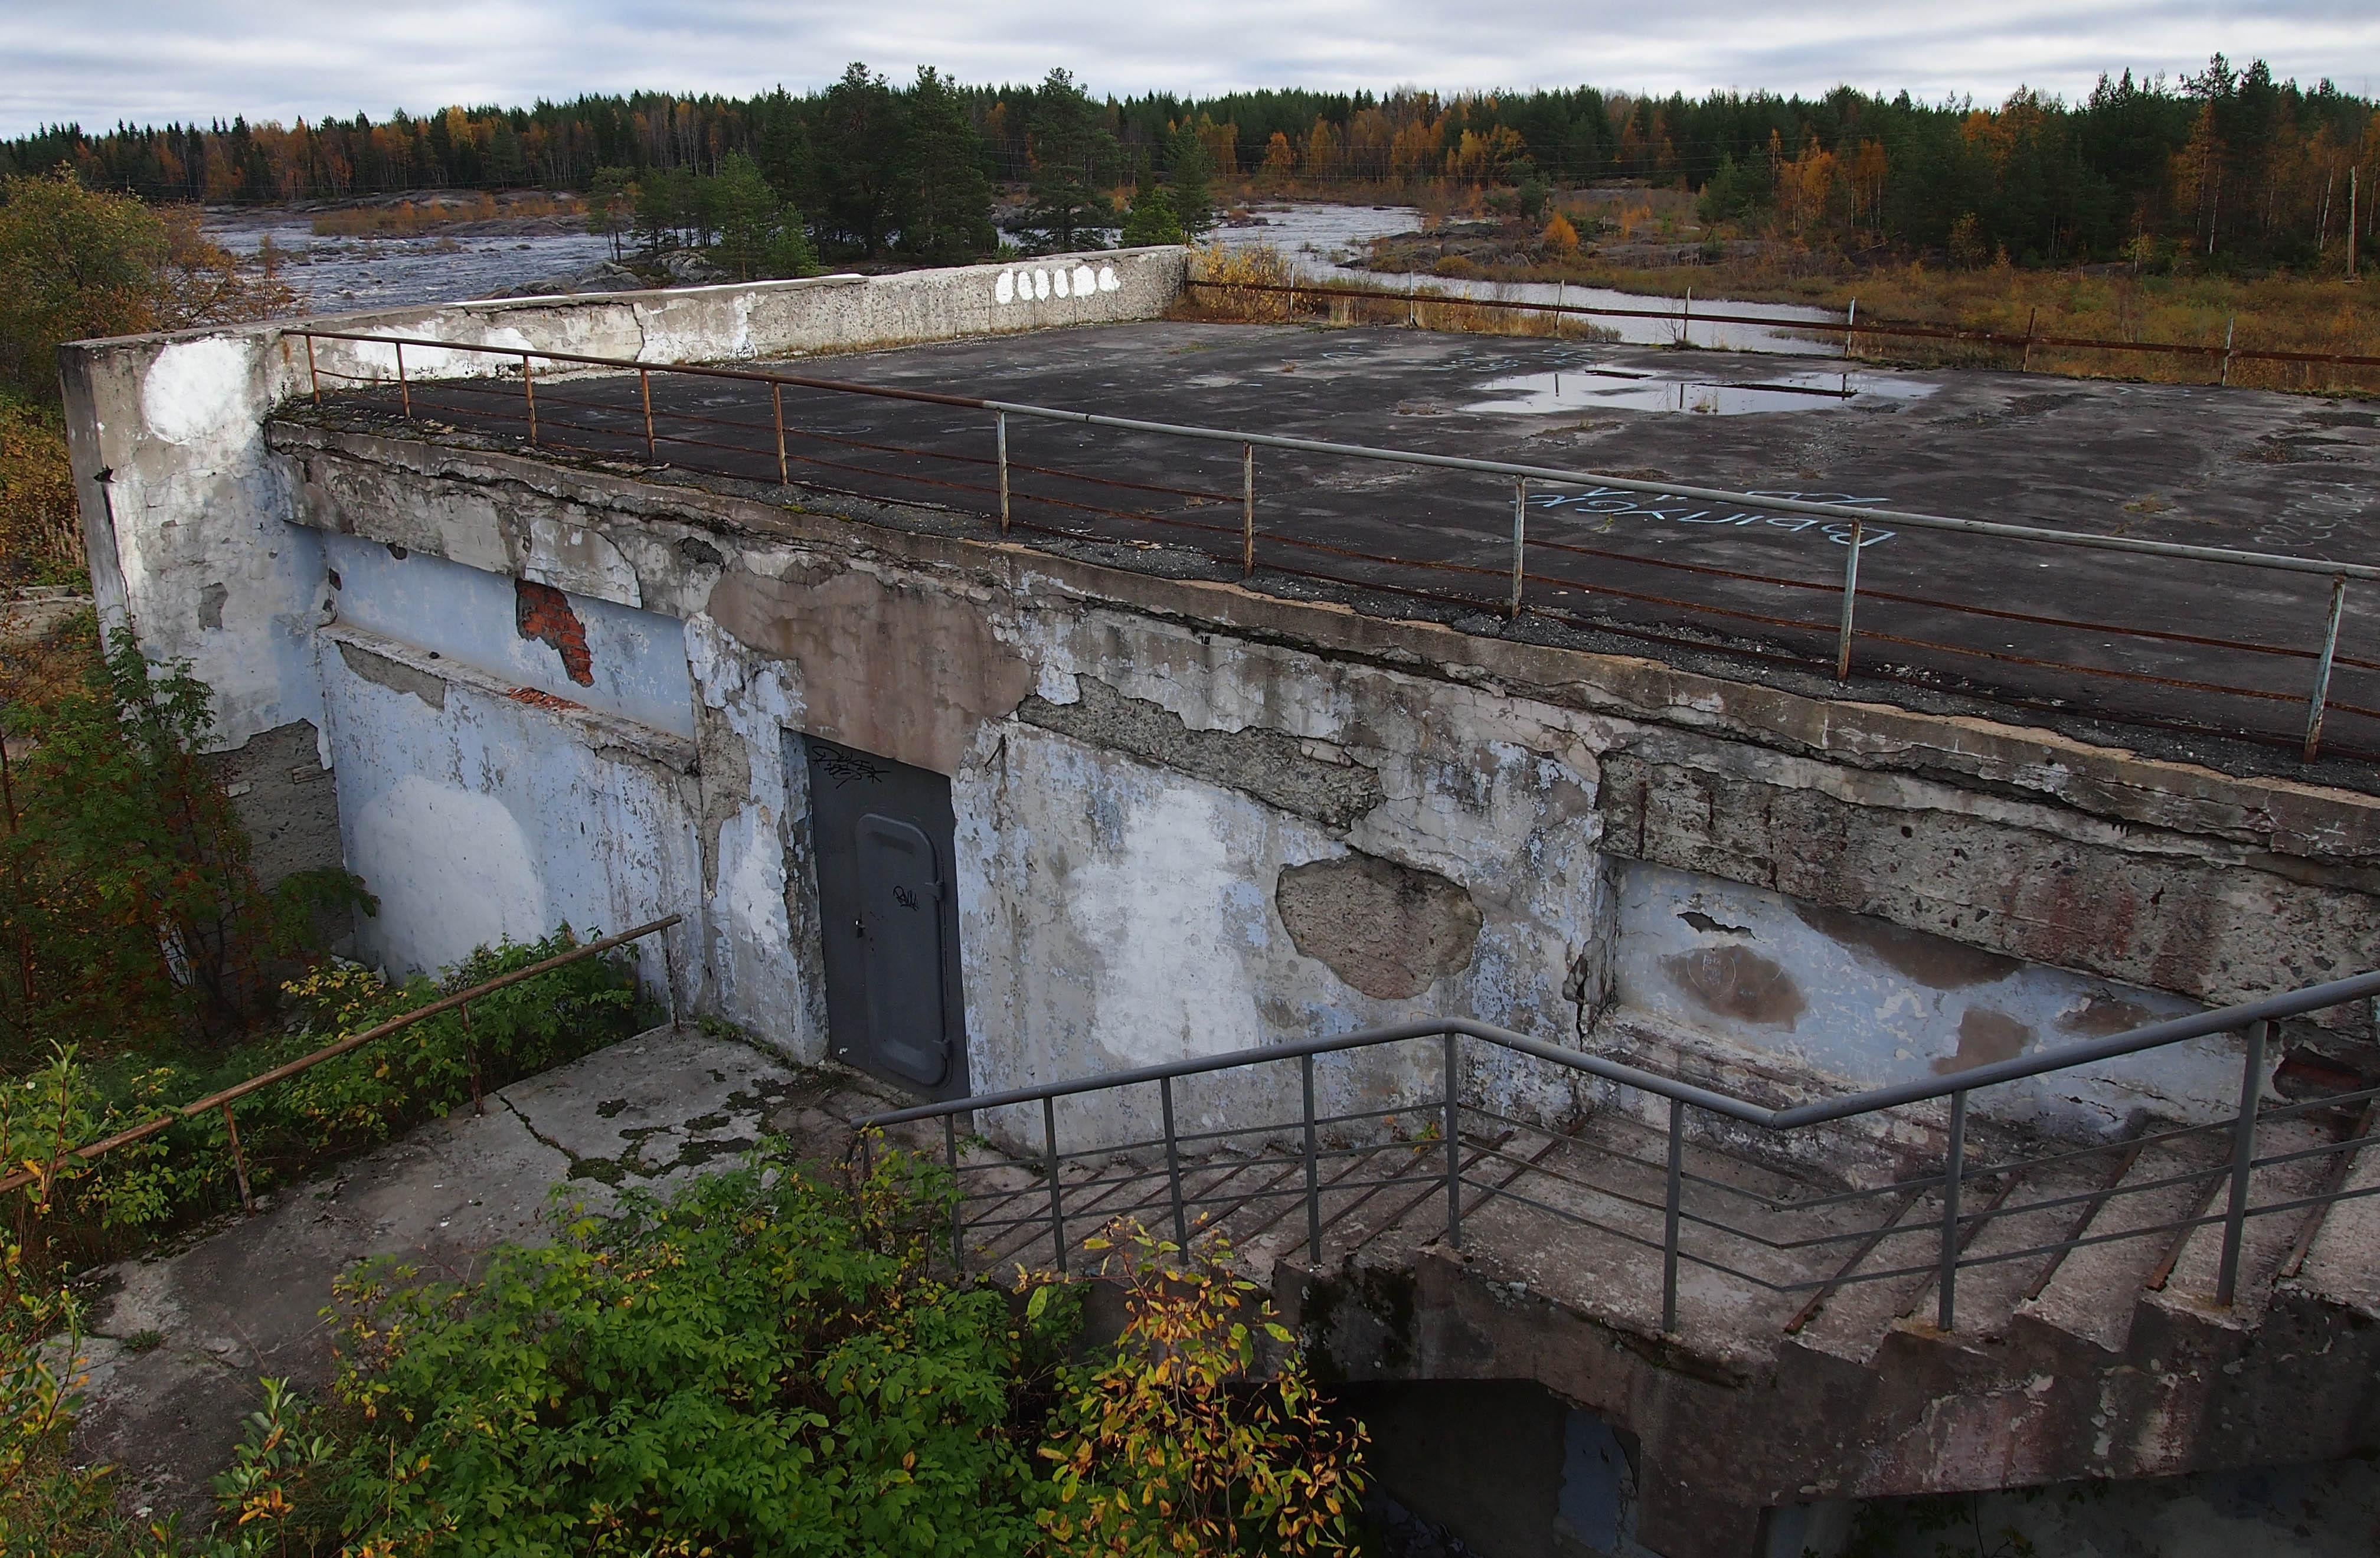 С каждым годом павильон разрушается все больше. Фото: Валерий Поташов